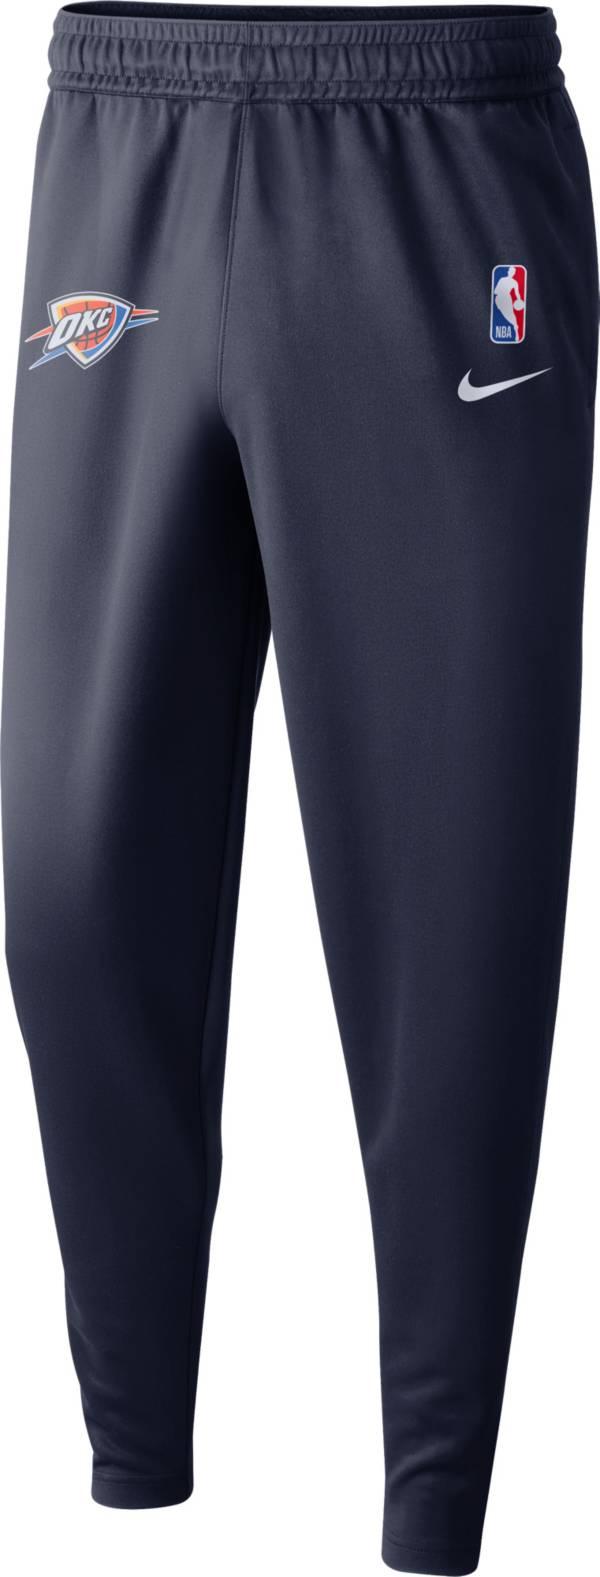 Nike Men's Oklahoma City Thunder Dri-FIT Spotlight Pants product image